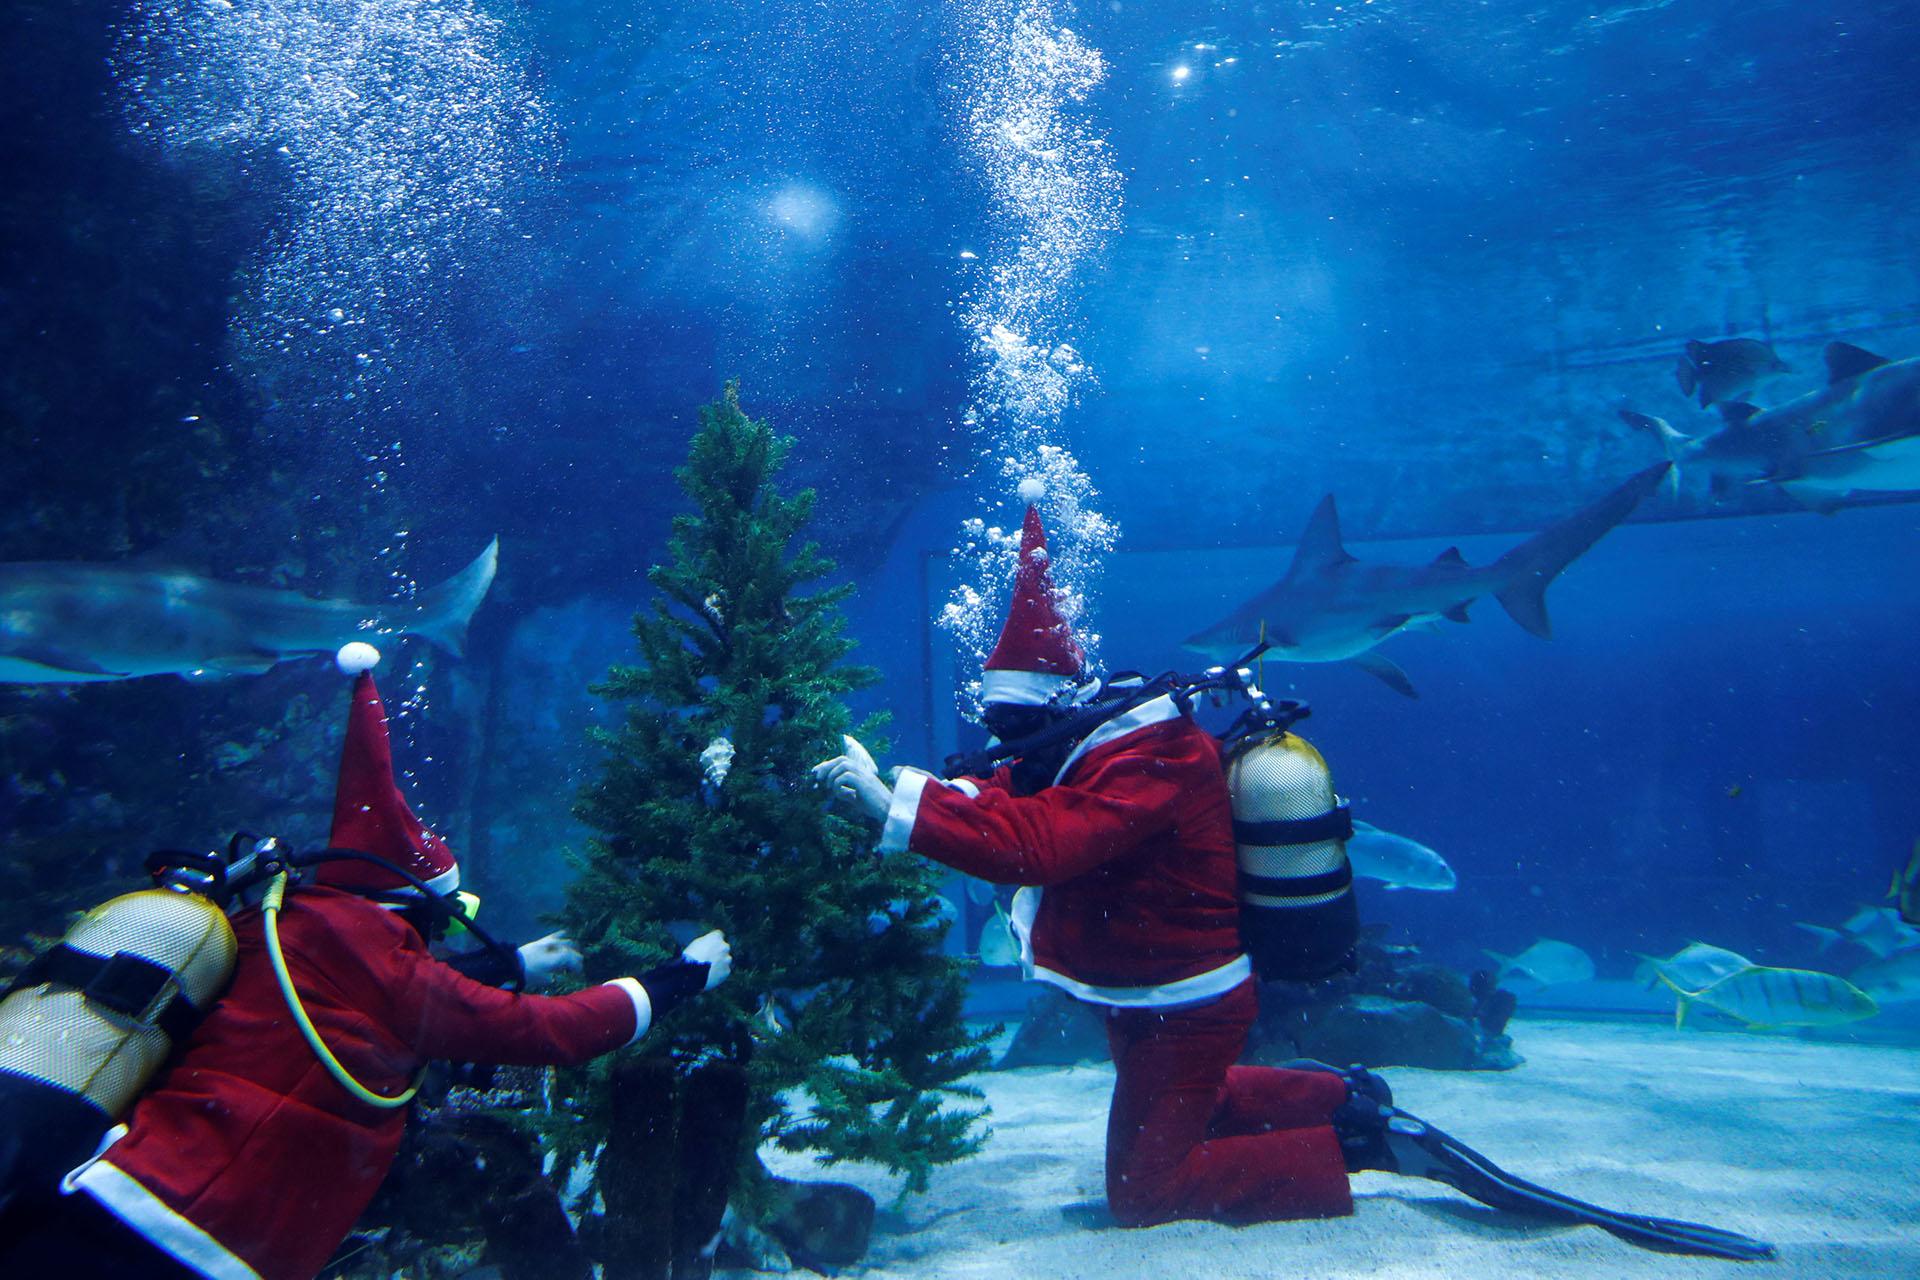 BUDAPEST, HUNGRÍA. El llamativo árbol de navidad en el acuario Tropicarium de Budapest